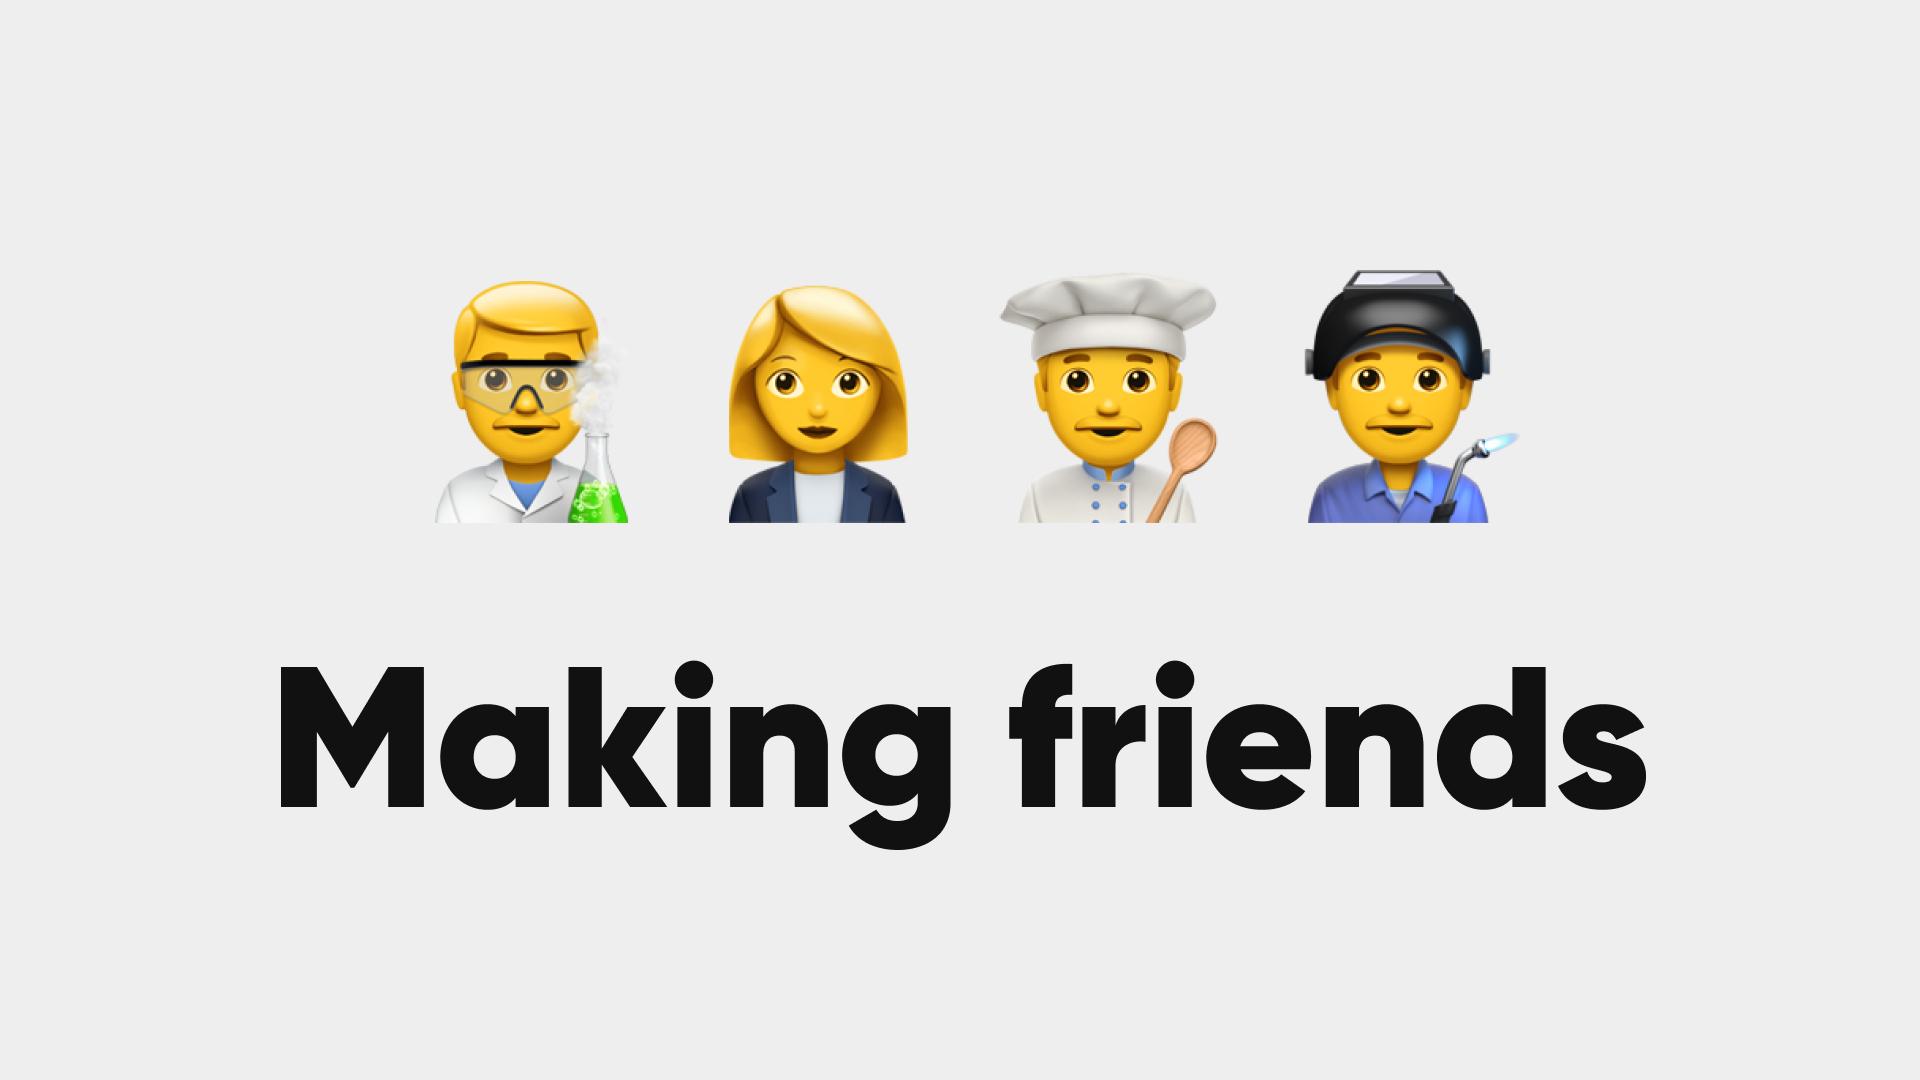 Making friends - Eine Corporate Website ist pures Teamwork.